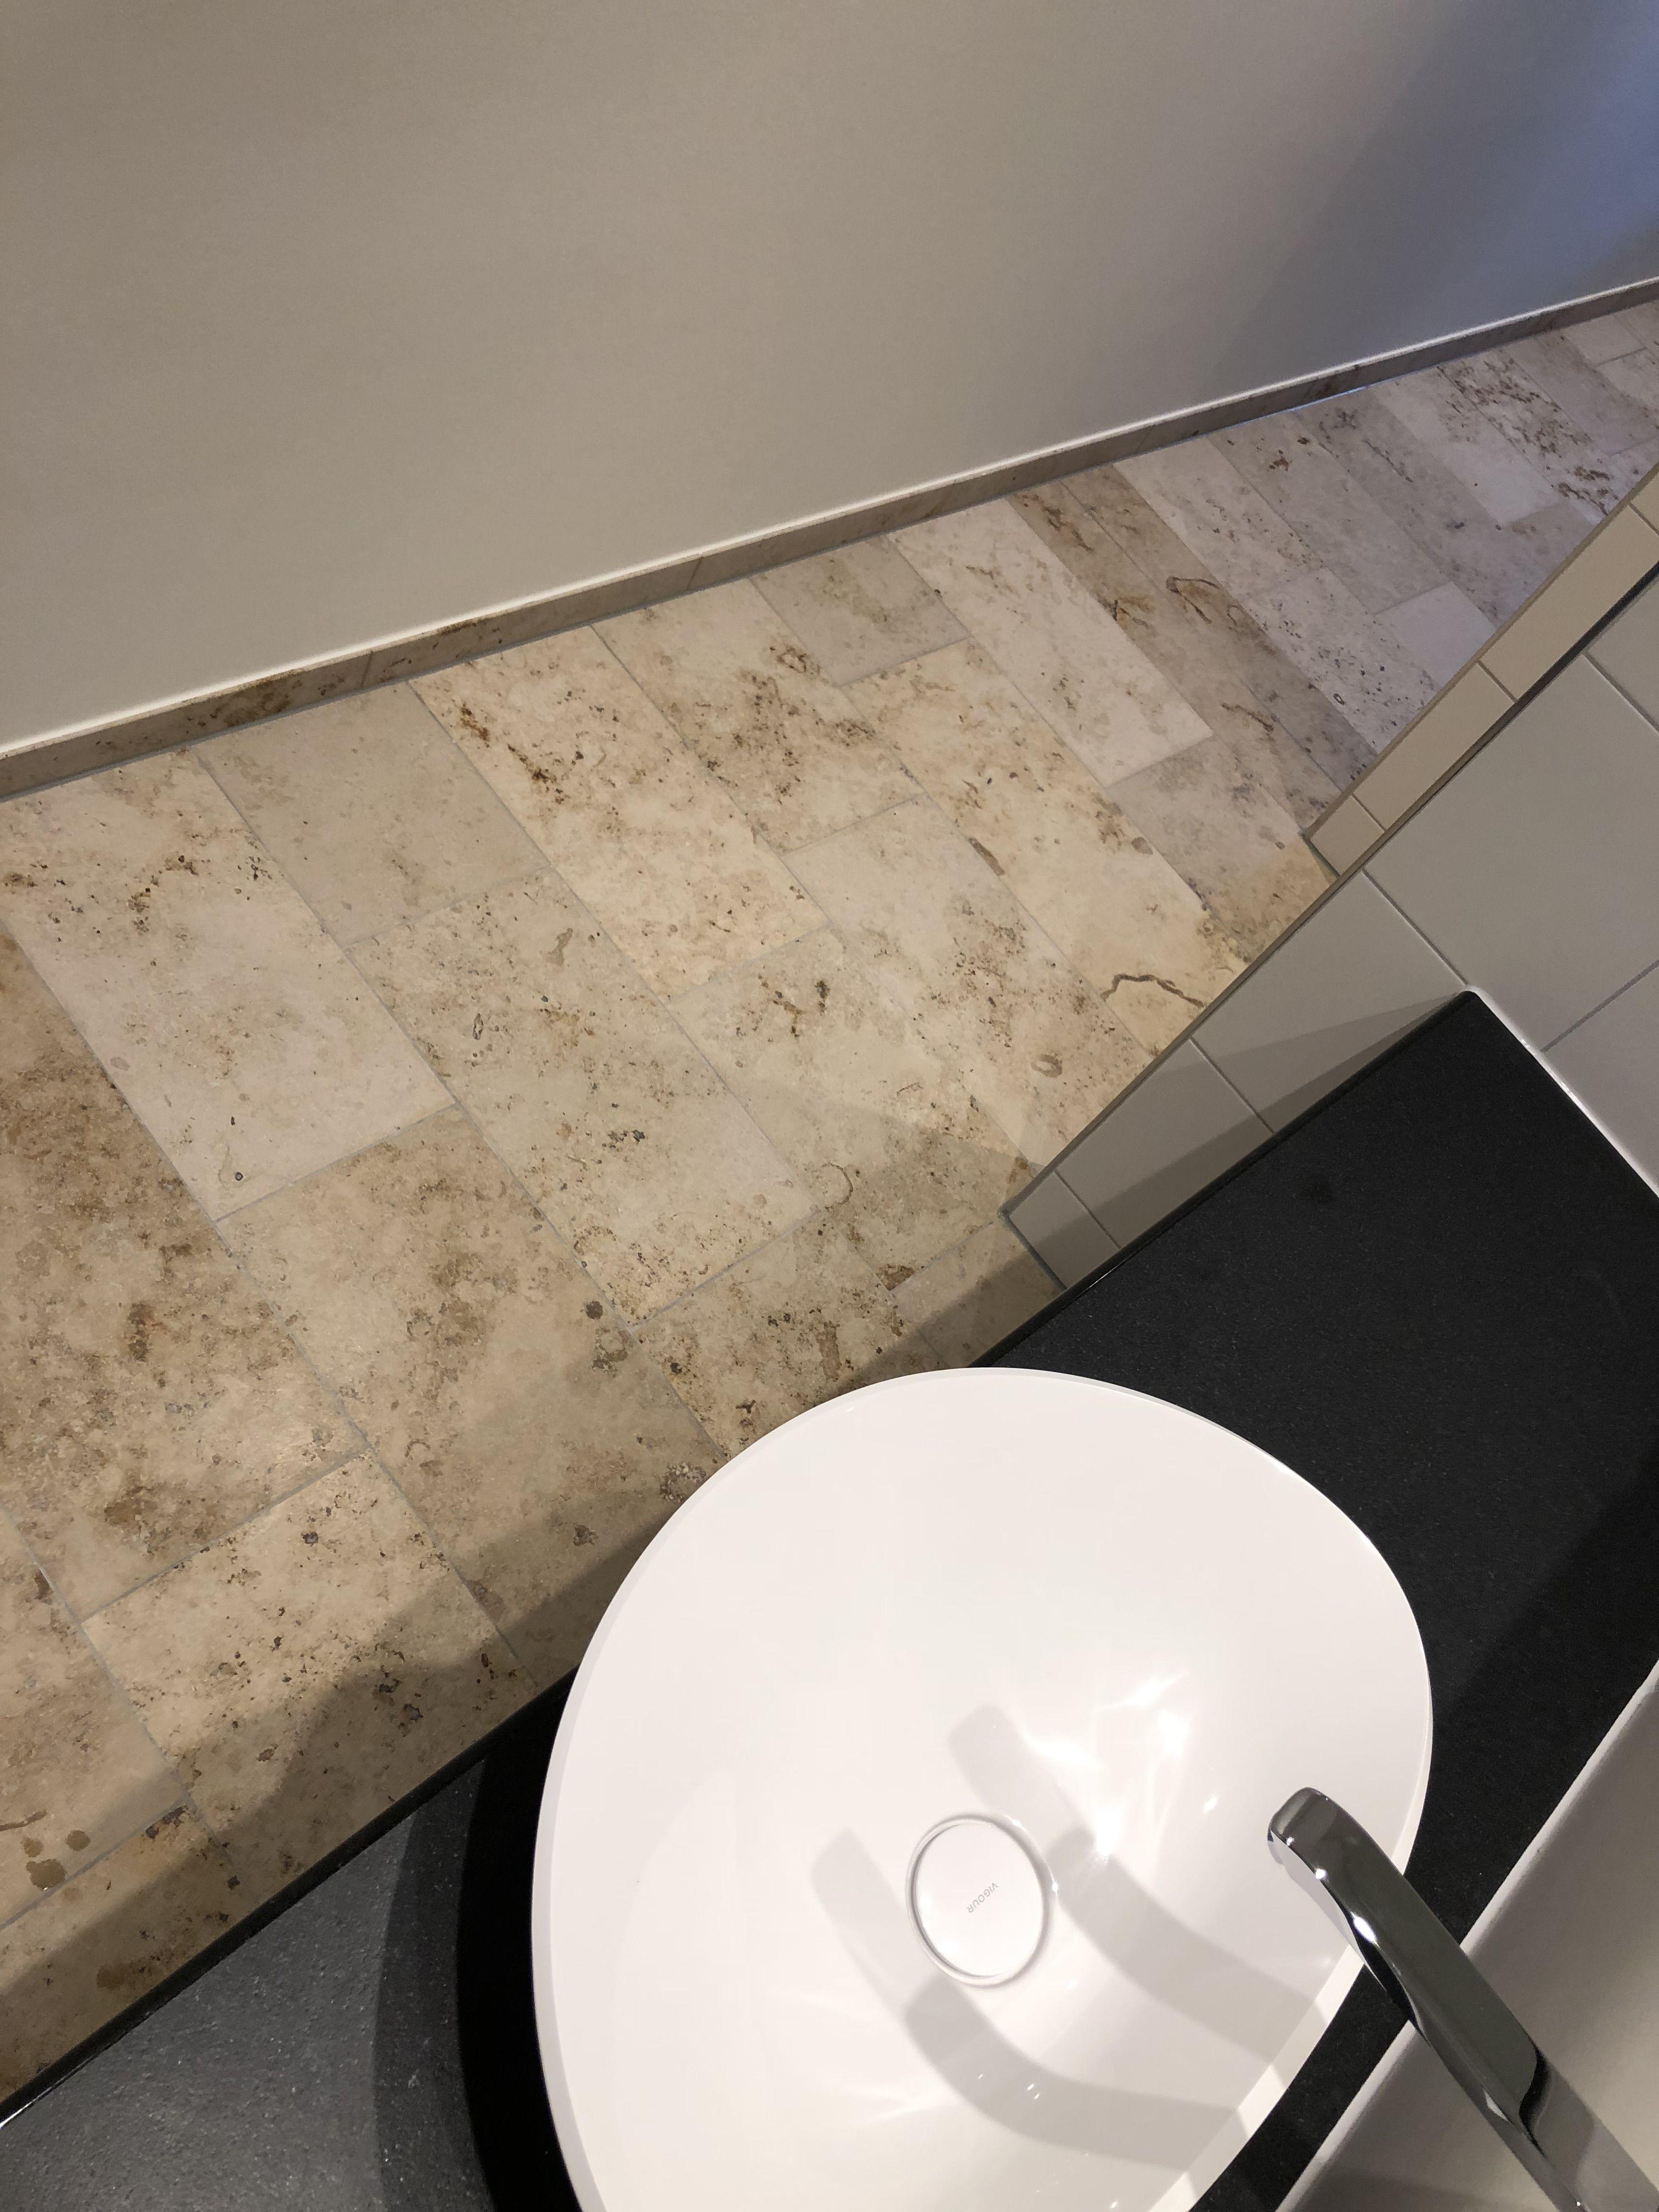 Artiskreativ Designlove Liebezumdetail Architecture Interiordesign Interior Jura Marmor Juramarmor Rotbund Bathroom Jura Marmor Gaste Wc Toilette